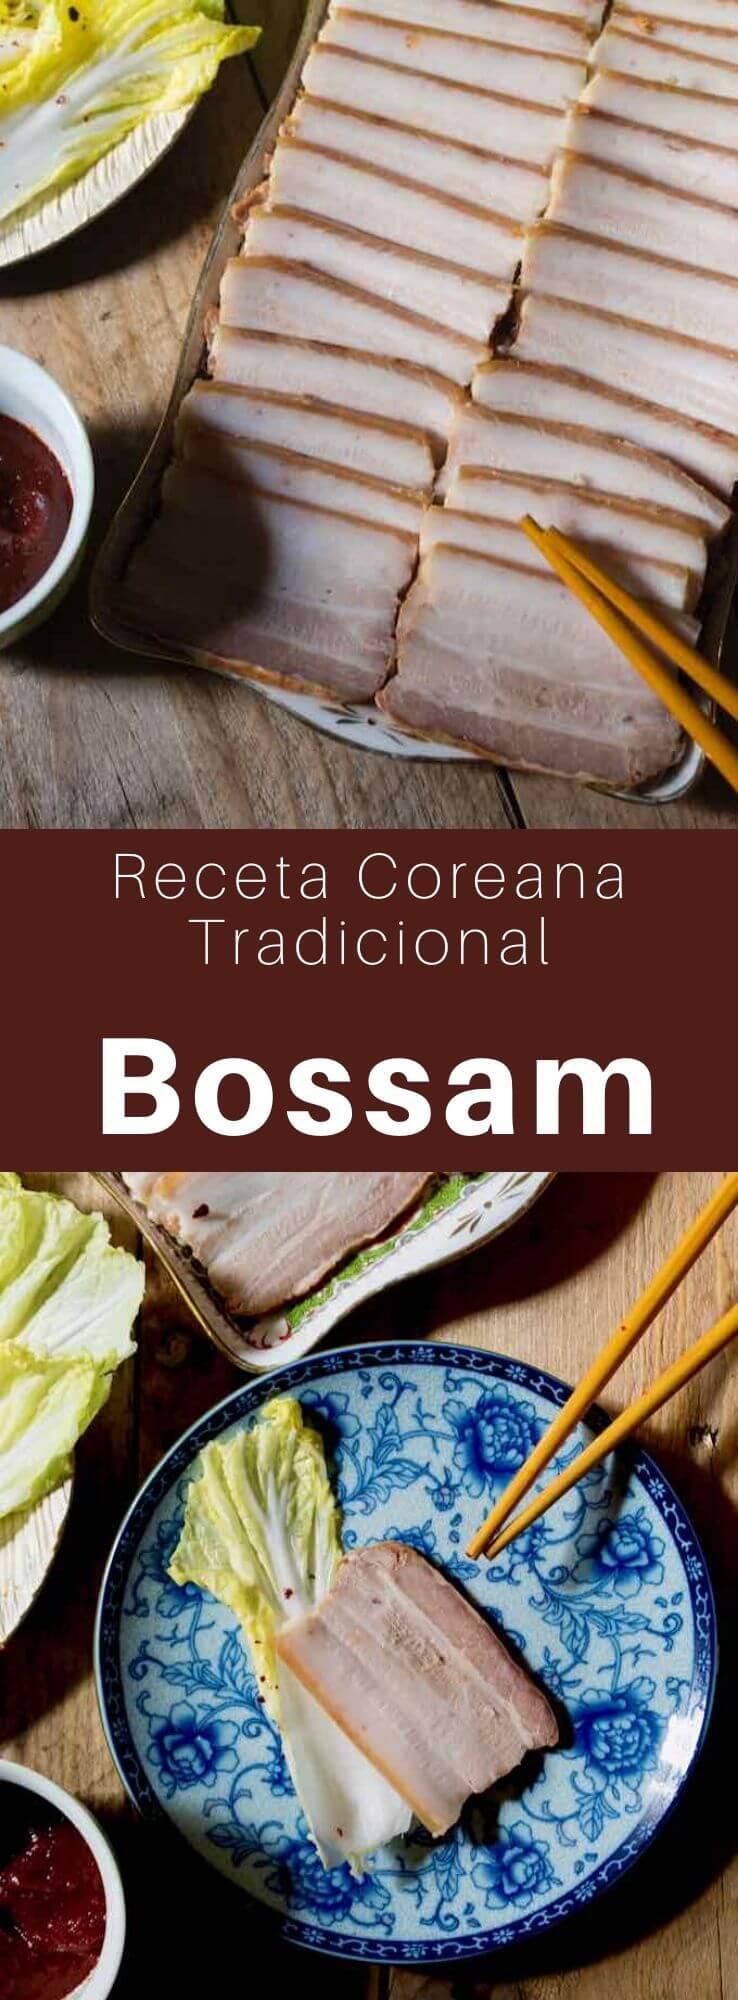 El bossam (보쌈, 褓) es un plato coreano hecho generalmente con panza de cerdo hervida en especias y cortada en rodajas finas que luego se envuelve en hojas de col china salada junto con ensalada de rábanos y camarones salados.